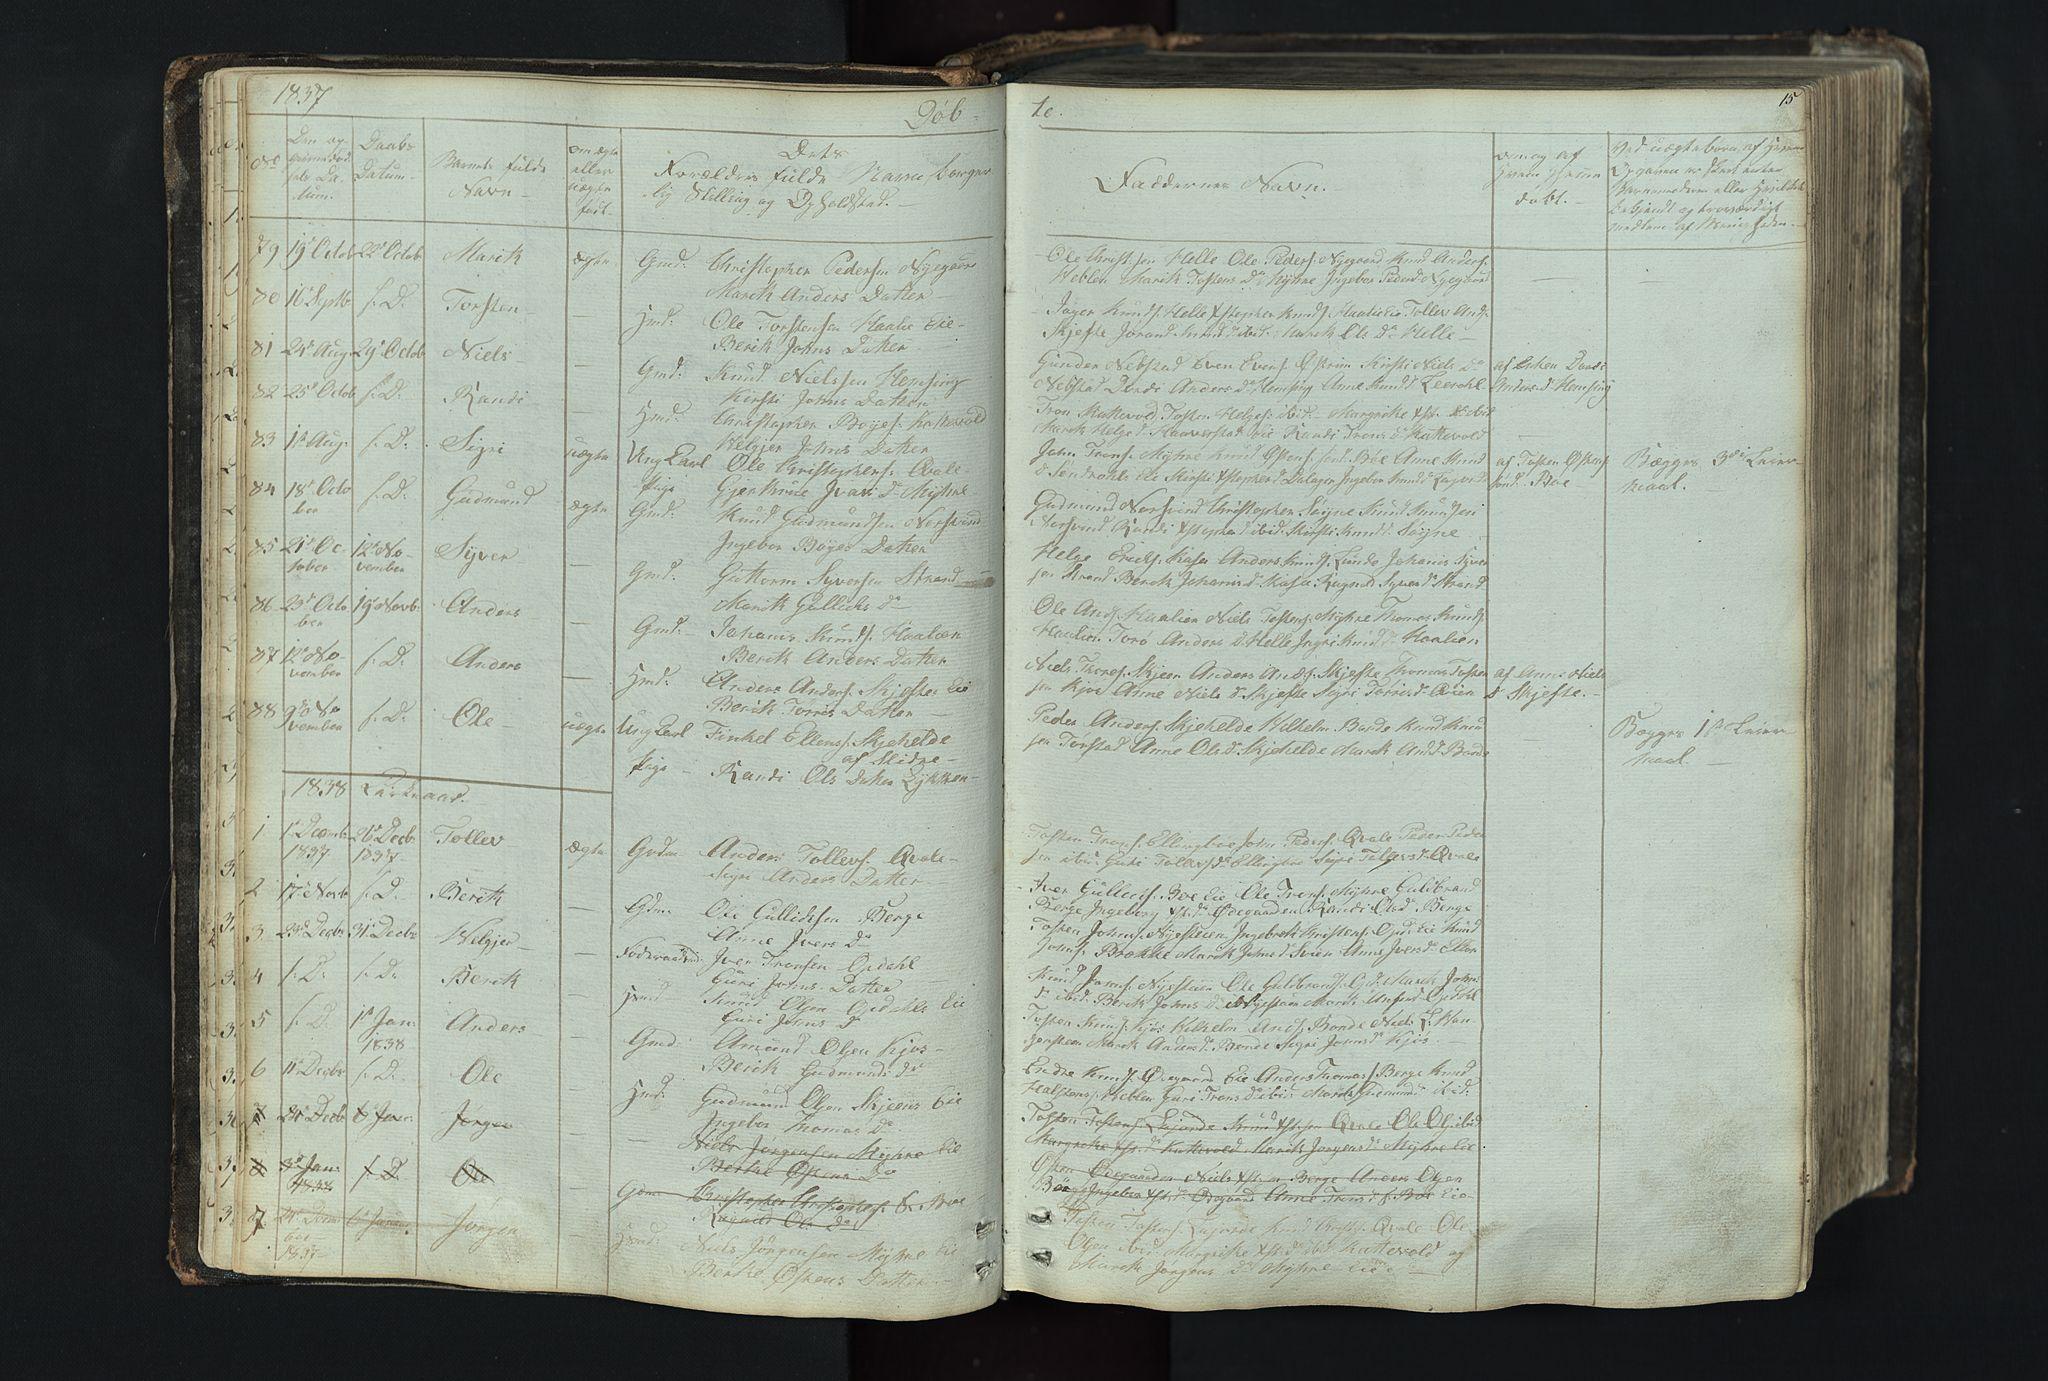 SAH, Vang prestekontor, Valdres, Klokkerbok nr. 4, 1835-1892, s. 15